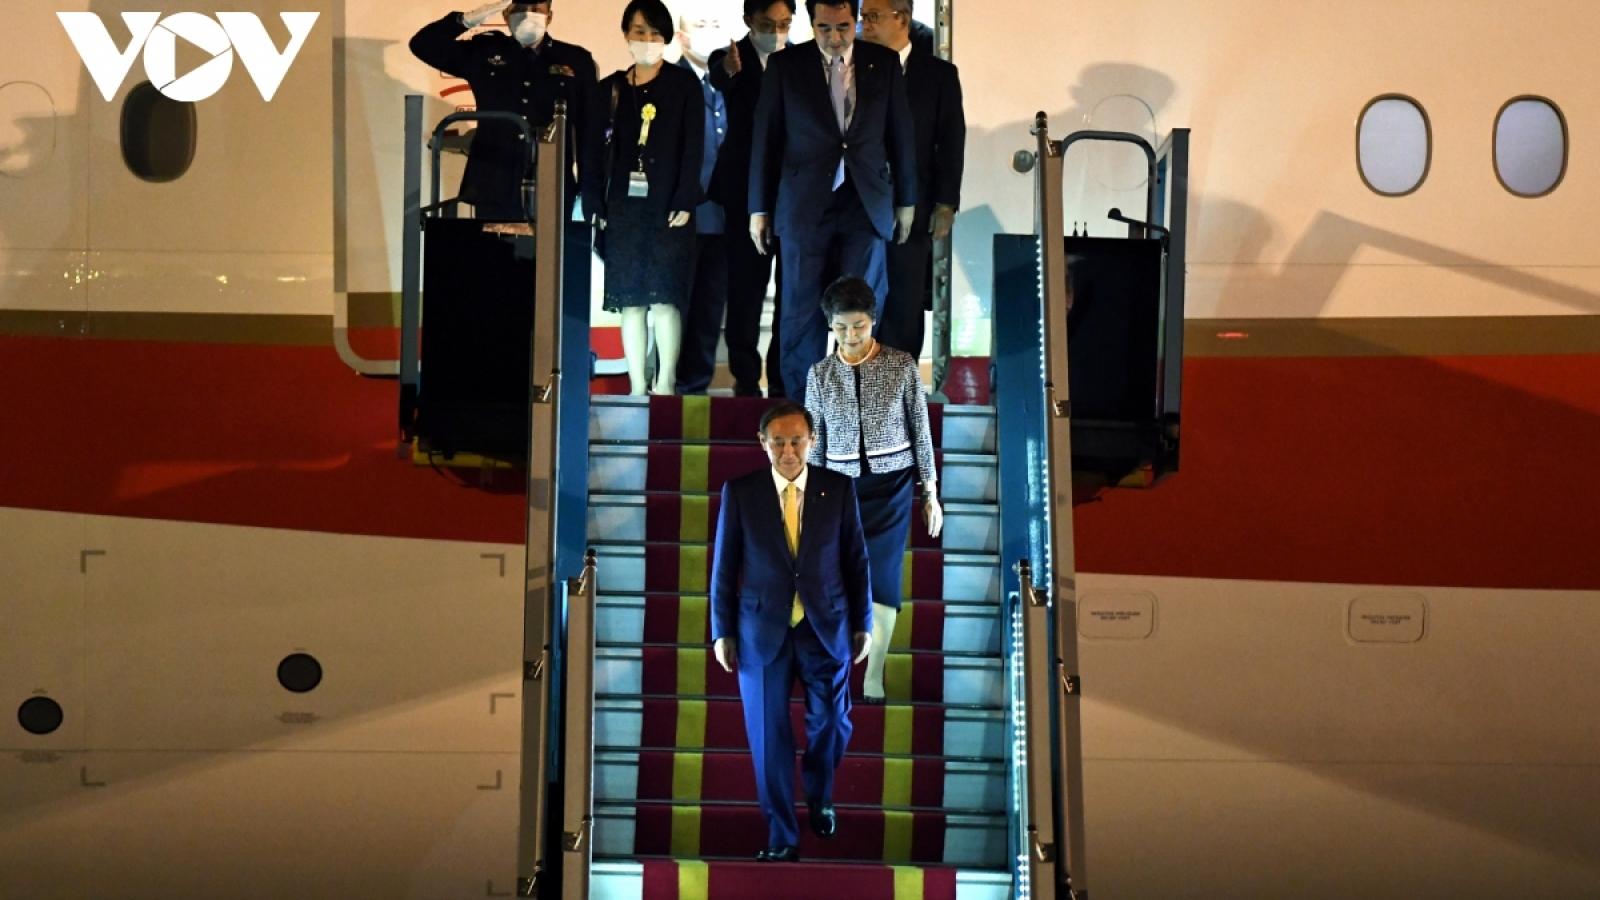 Phóng viên tháp tùng Thủ tướng Nhật Bản chia sẻ cảm nhận về chuyến thăm Việt Nam